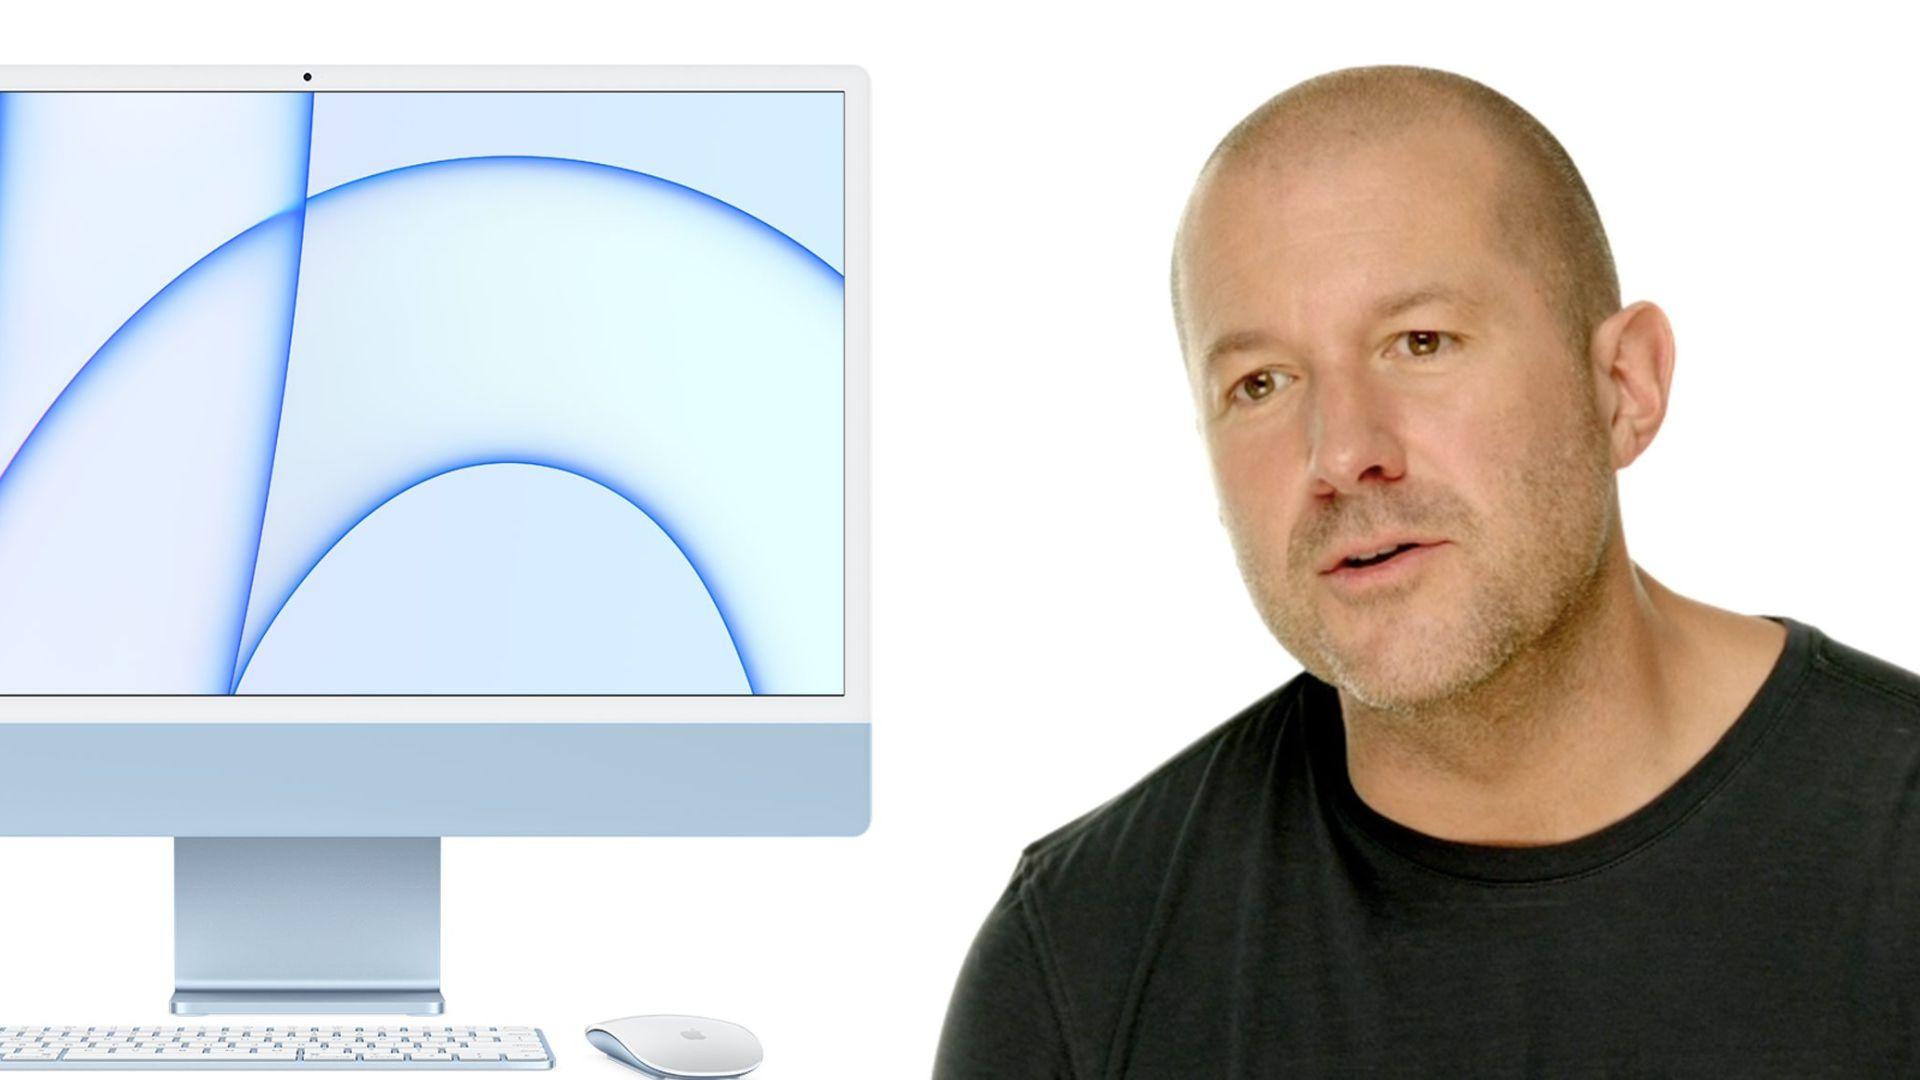 جانی آیو در طراحی آیمک ۲۴ اینچی M1 اپل نقش داشته است